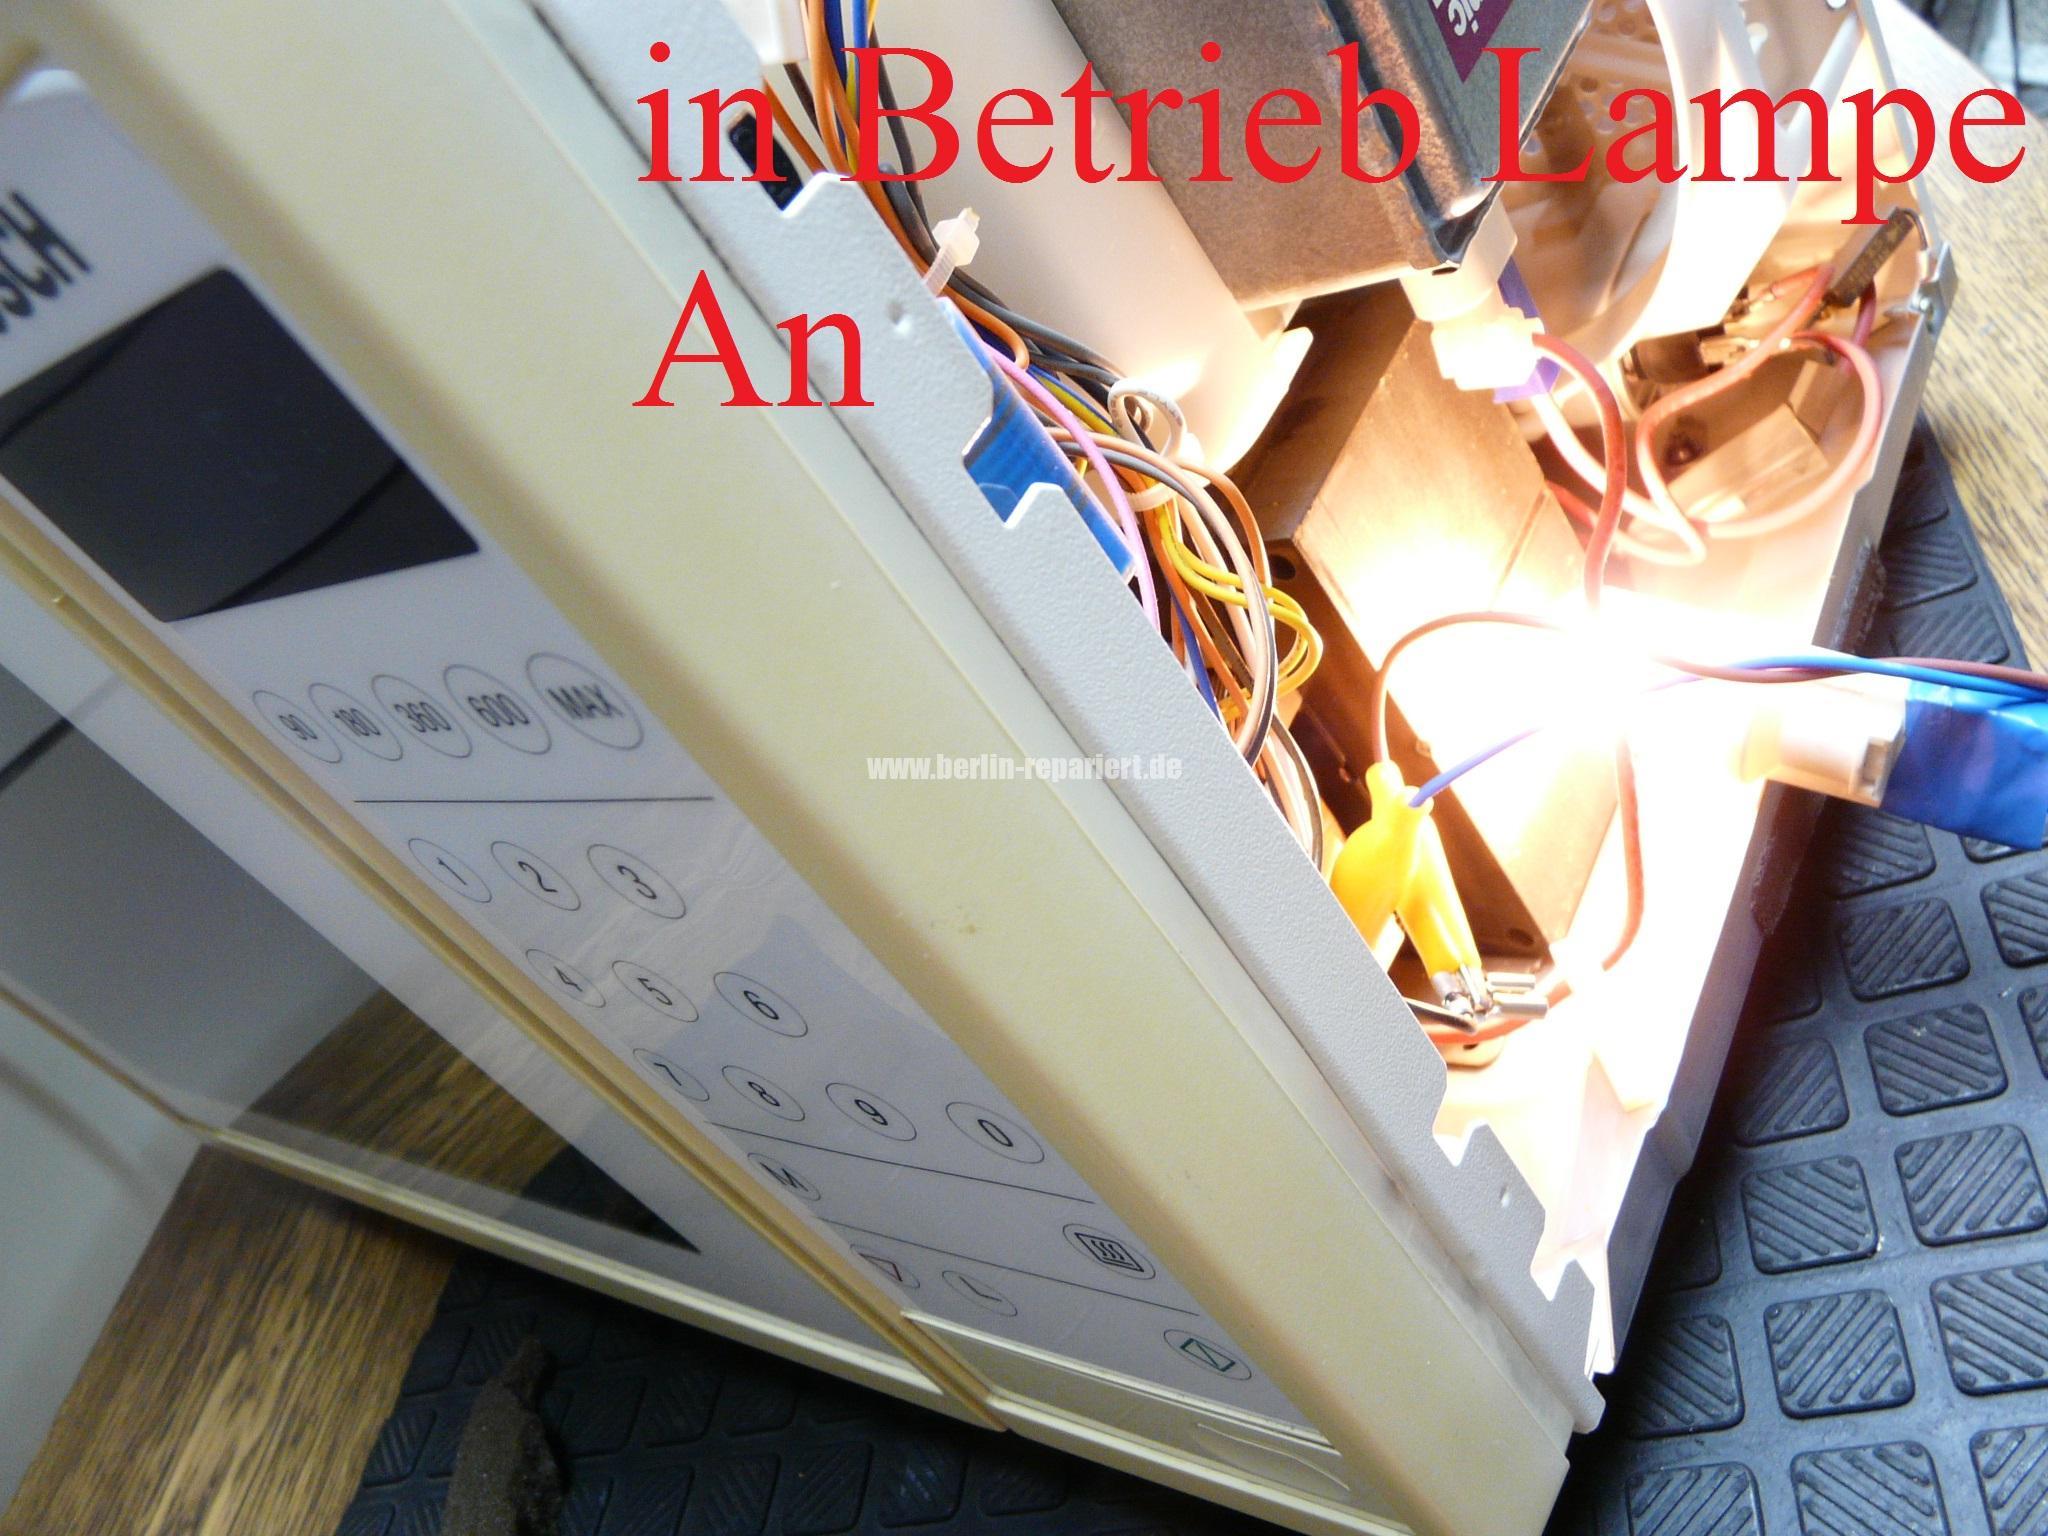 mikrowelle bosch hmt752e kein licht und erw rmt kaum noch leon s blog. Black Bedroom Furniture Sets. Home Design Ideas